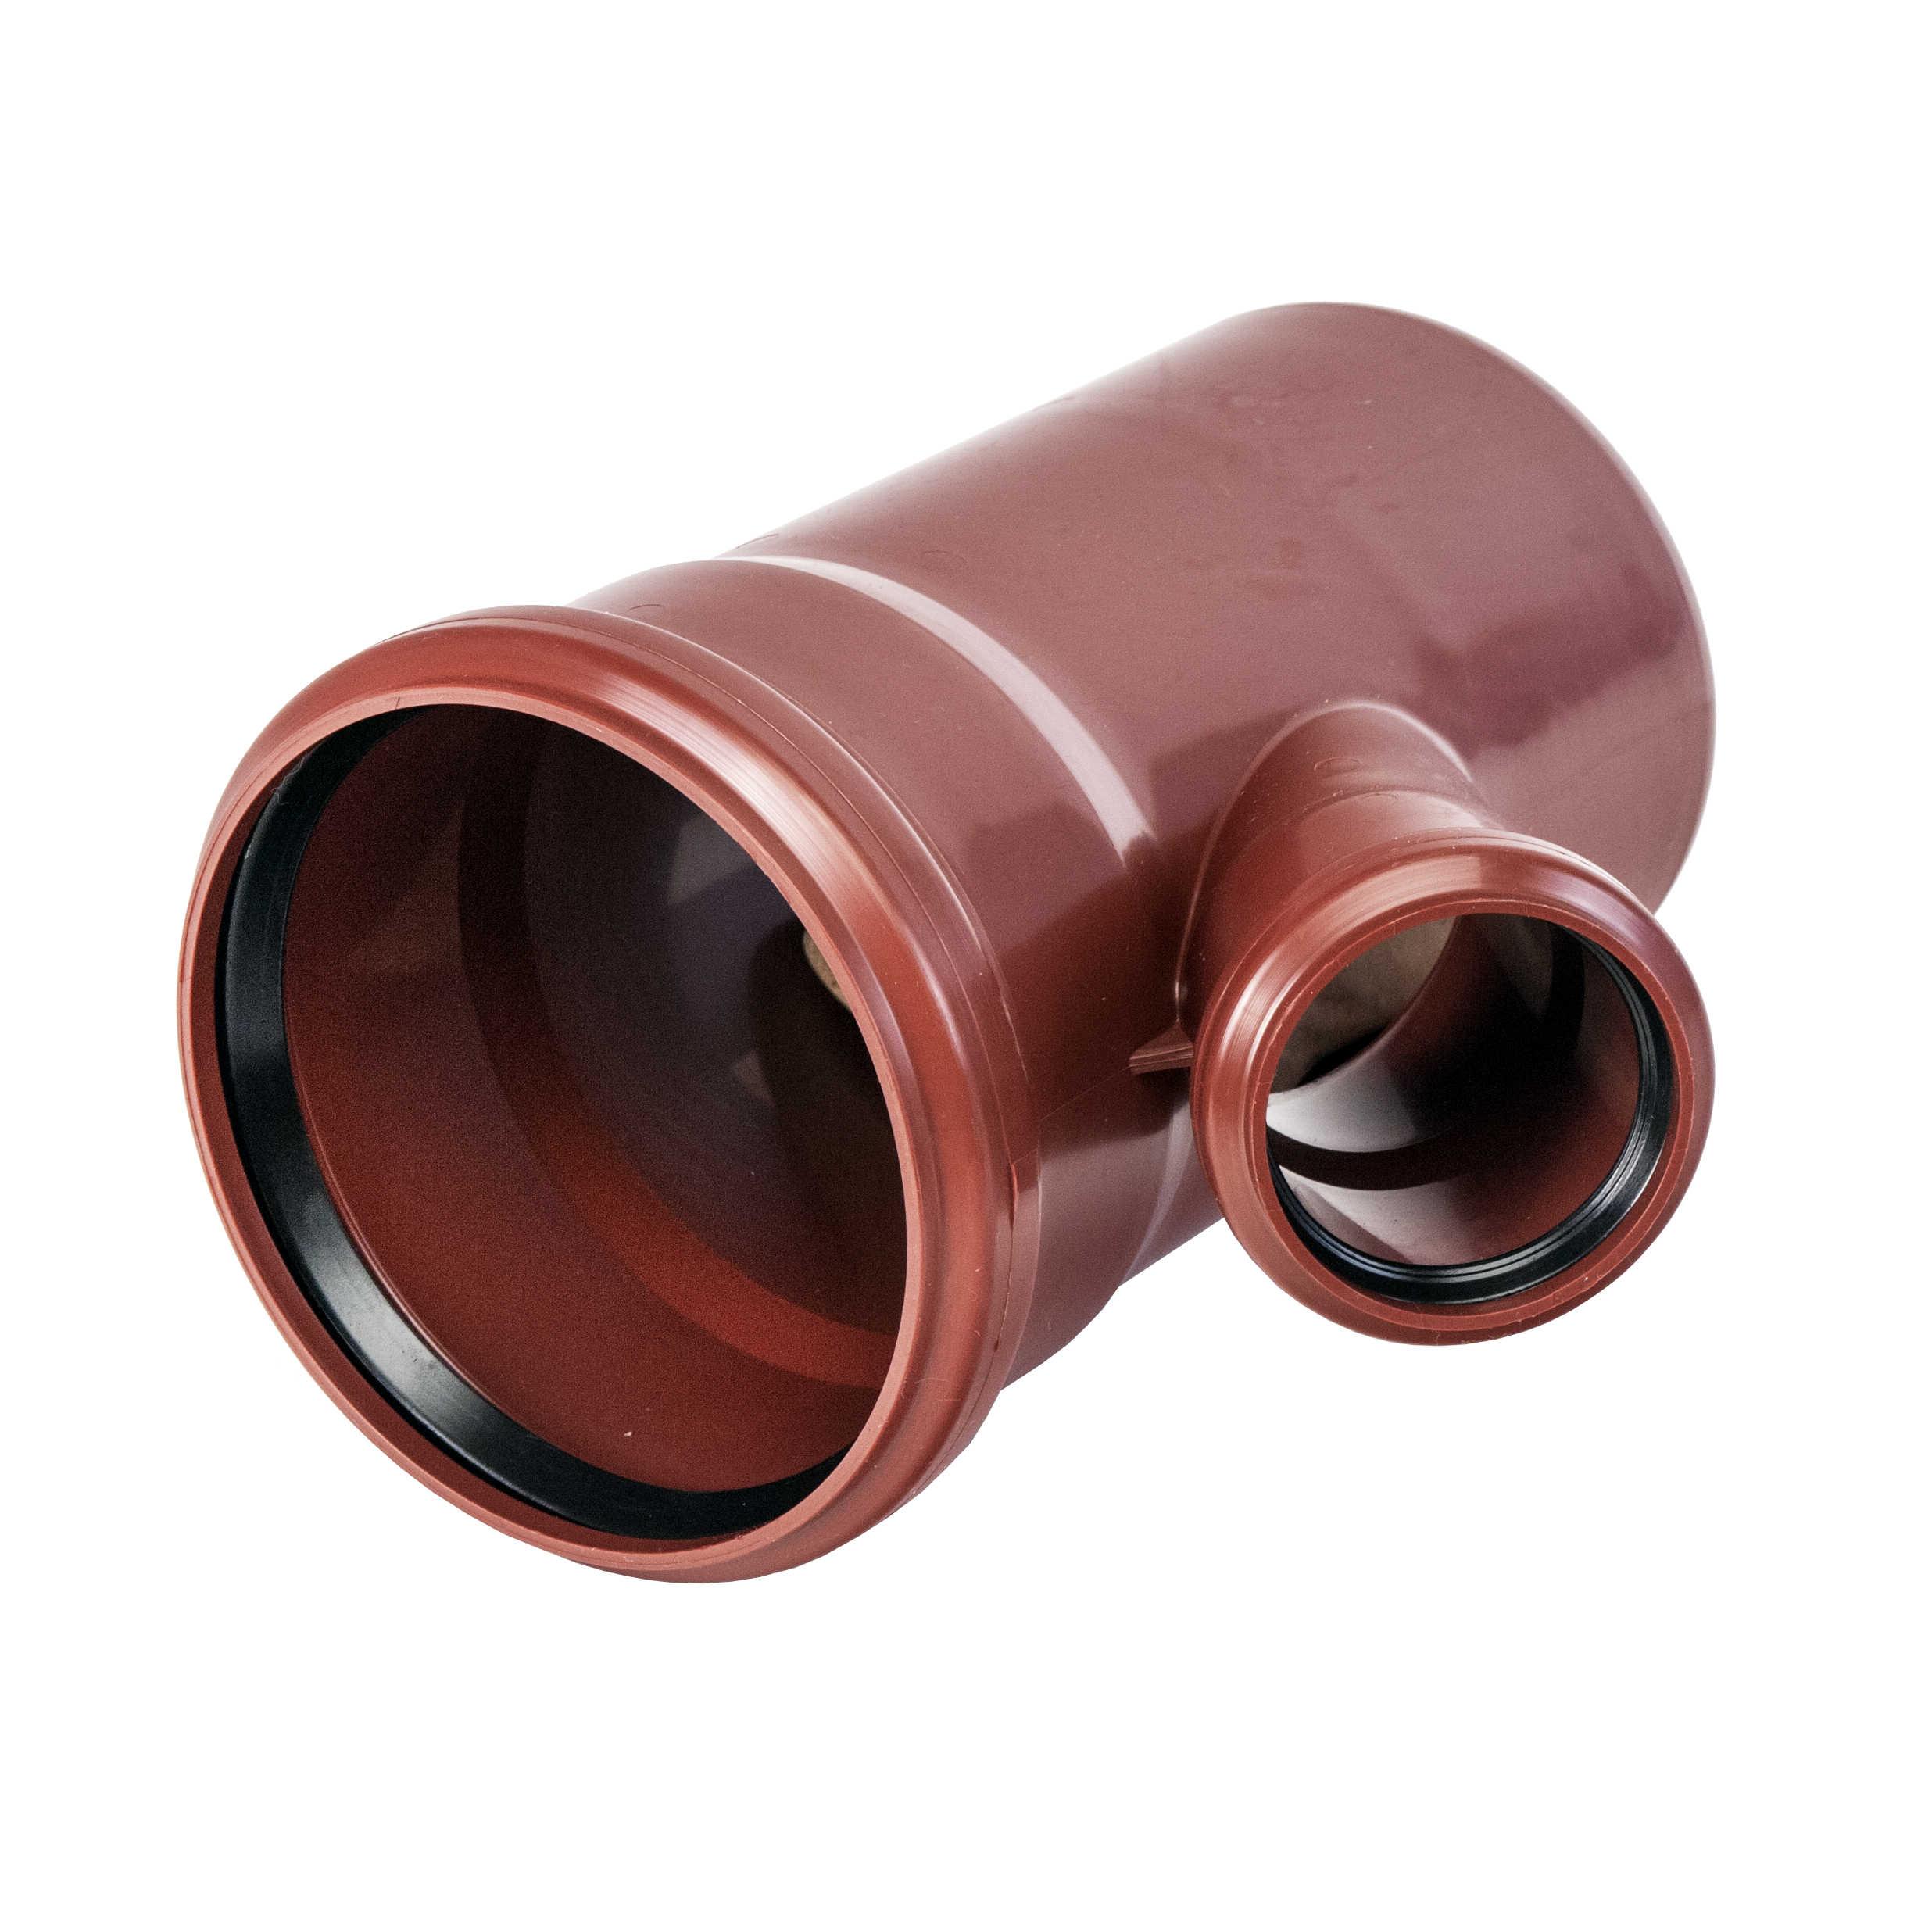 Система шумопоглощающей канализации Master 3 Plus фото 5